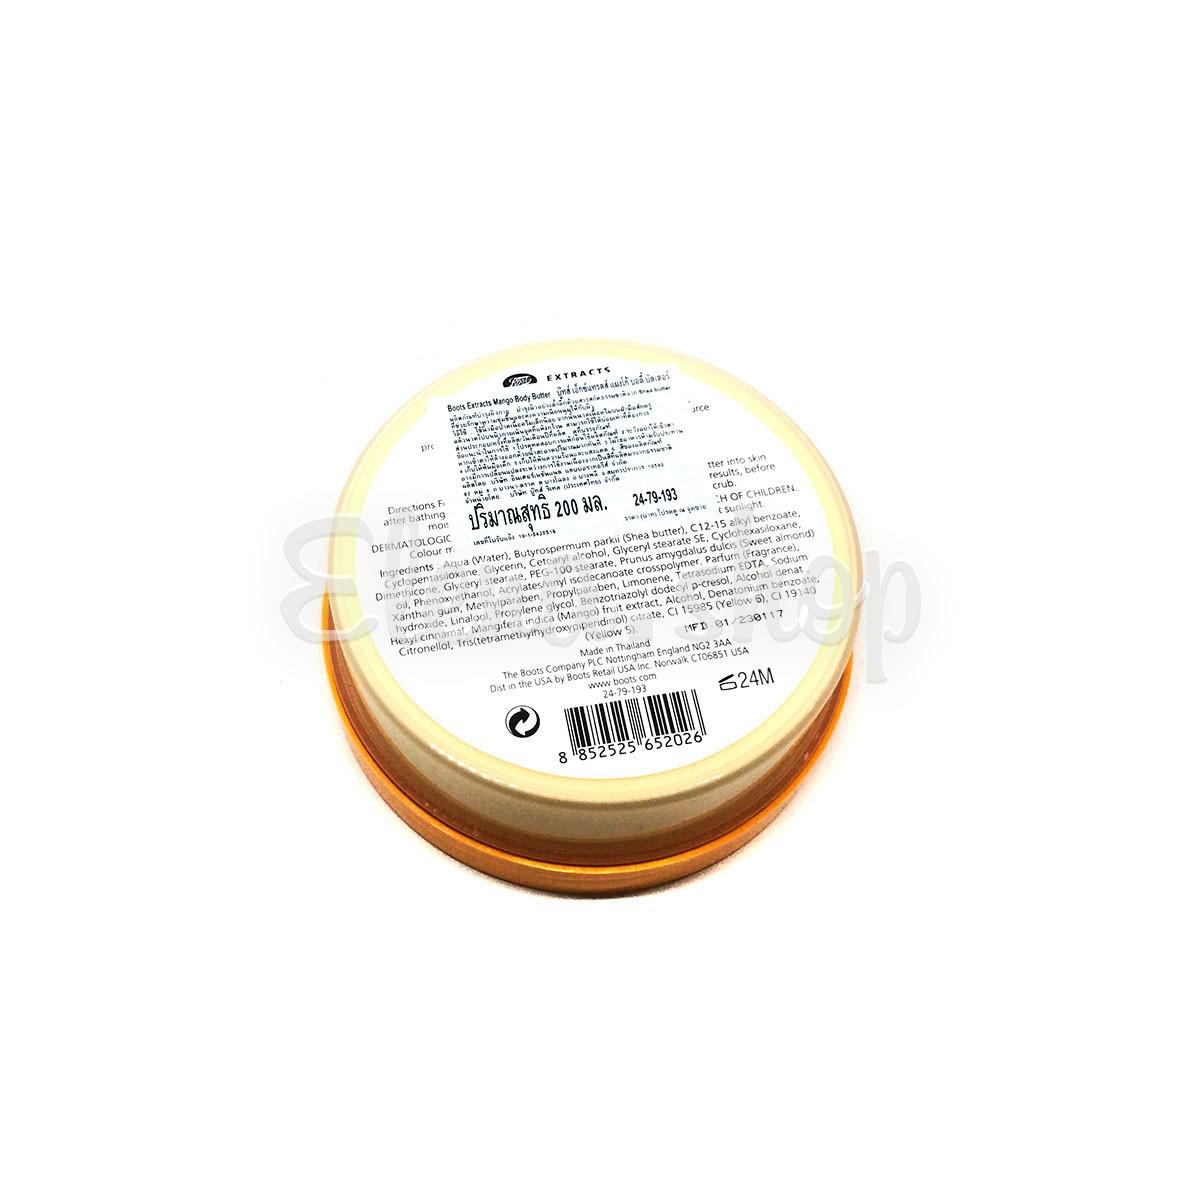 Крем-масло для тела с экстрактом Манго от Boots